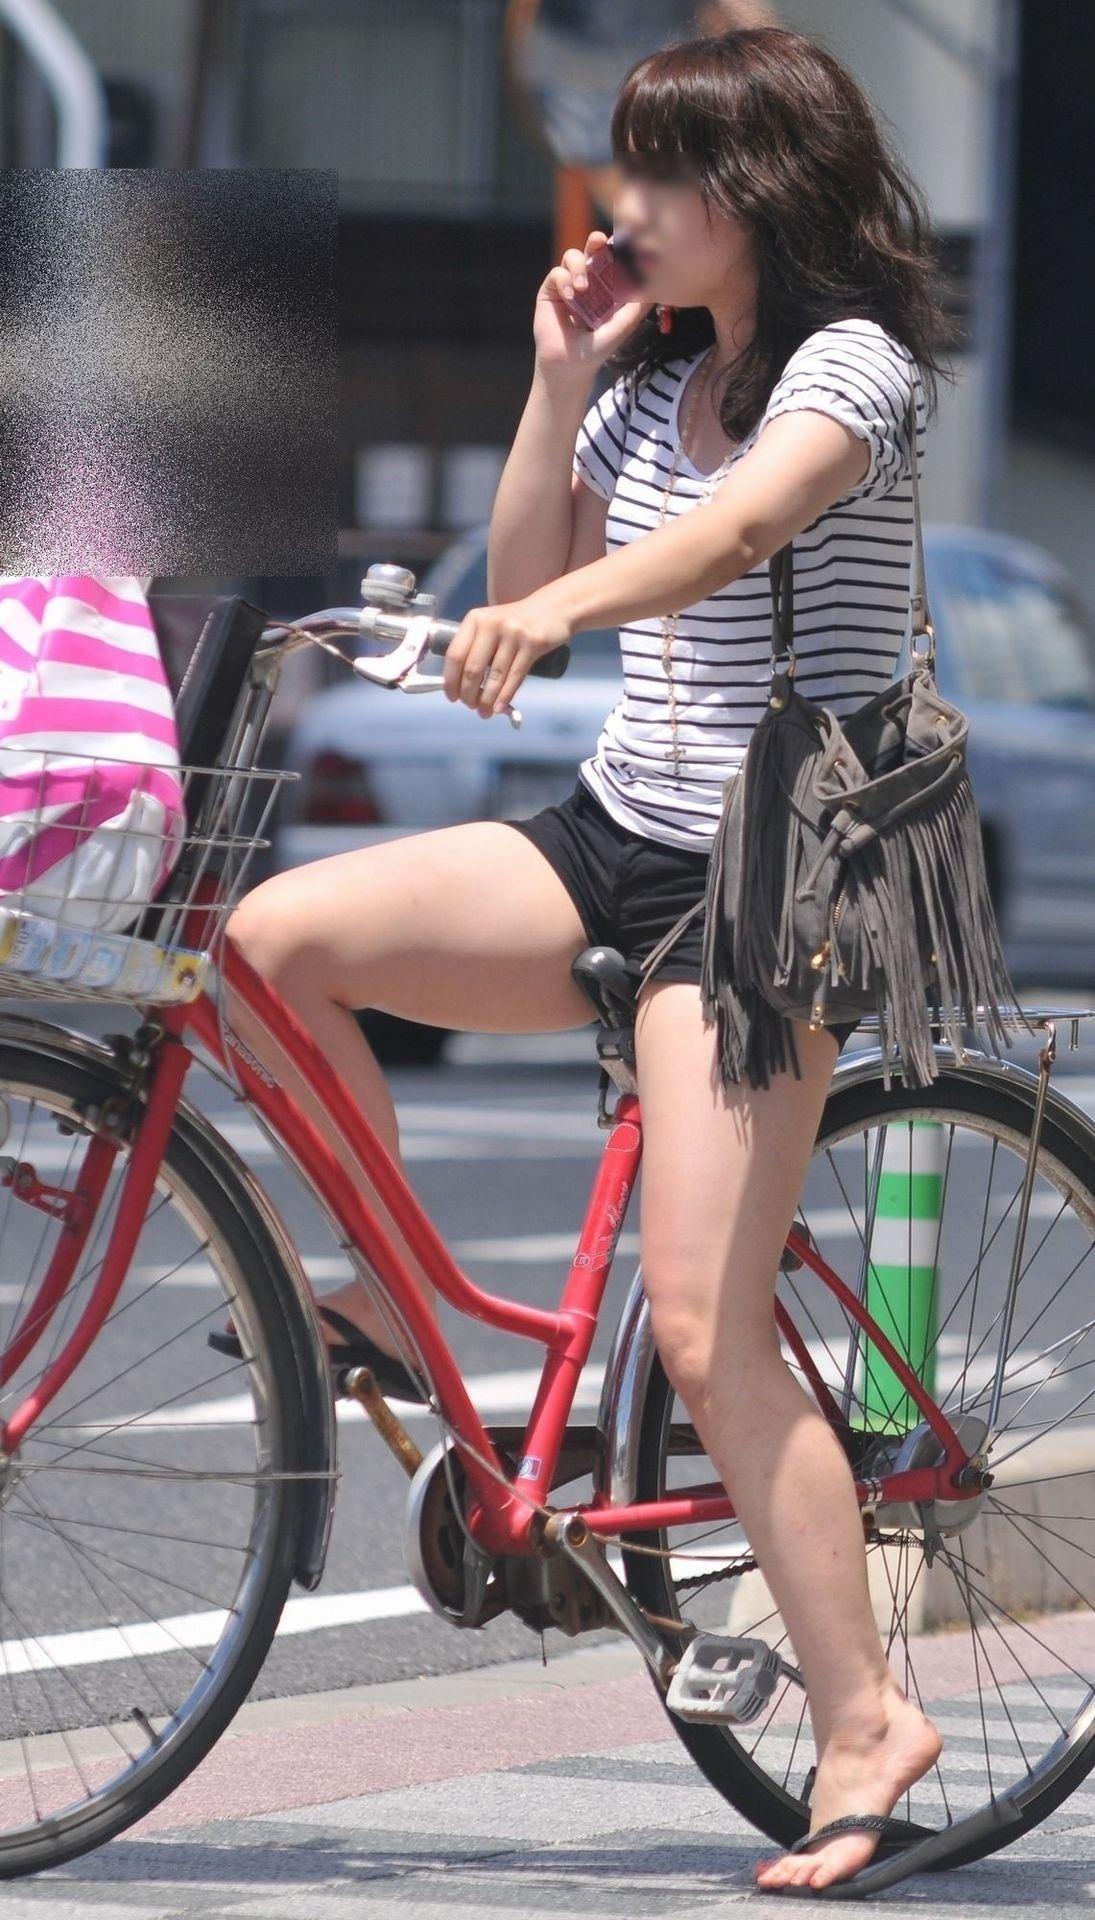 素人OLの自転車に乗るタイトスカート盗撮エロ画像4枚目